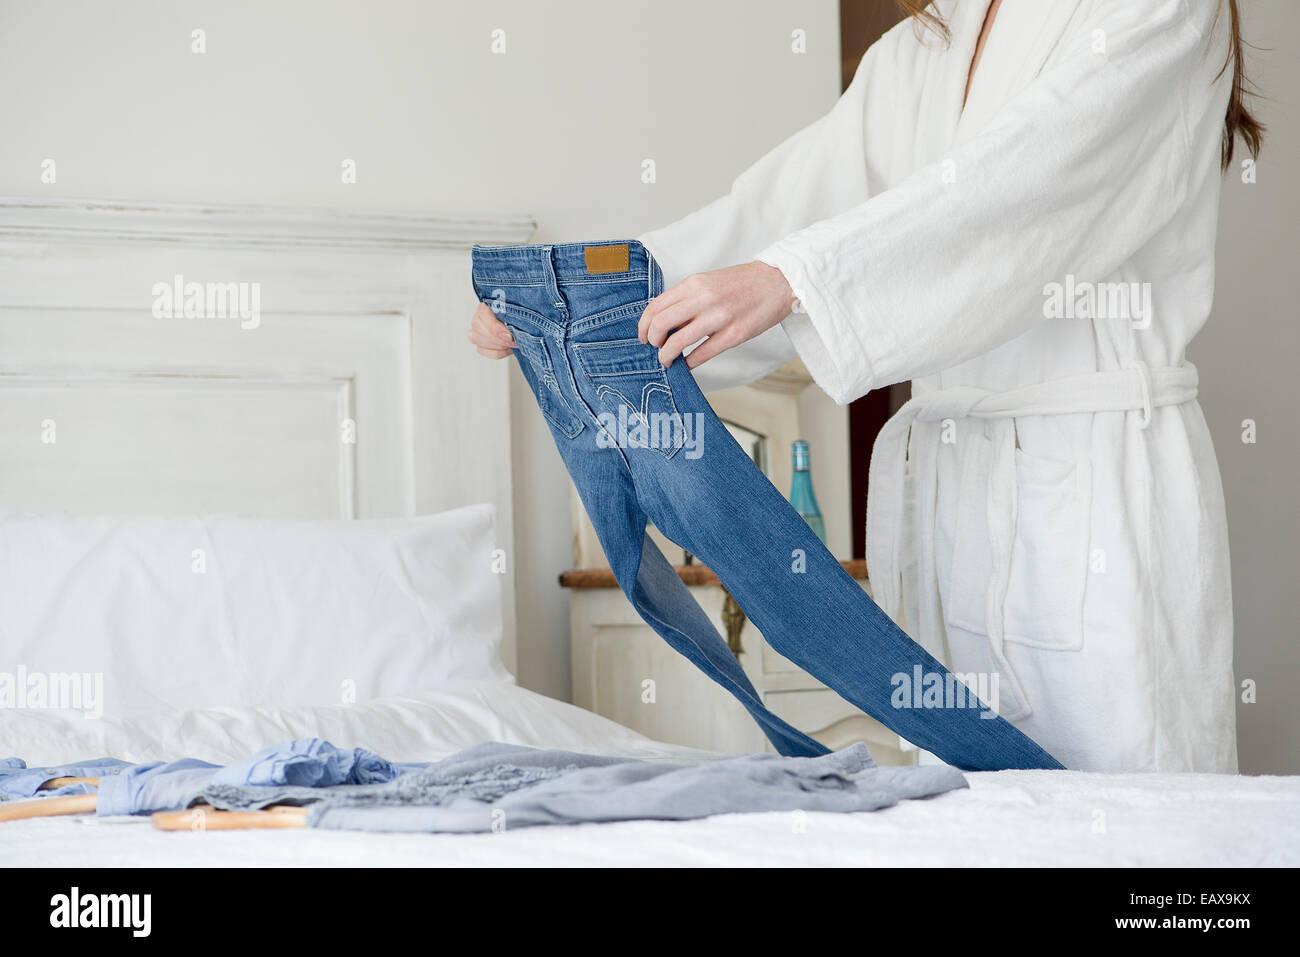 La donna posa i vestiti per la giornata, ritagliato Immagini Stock